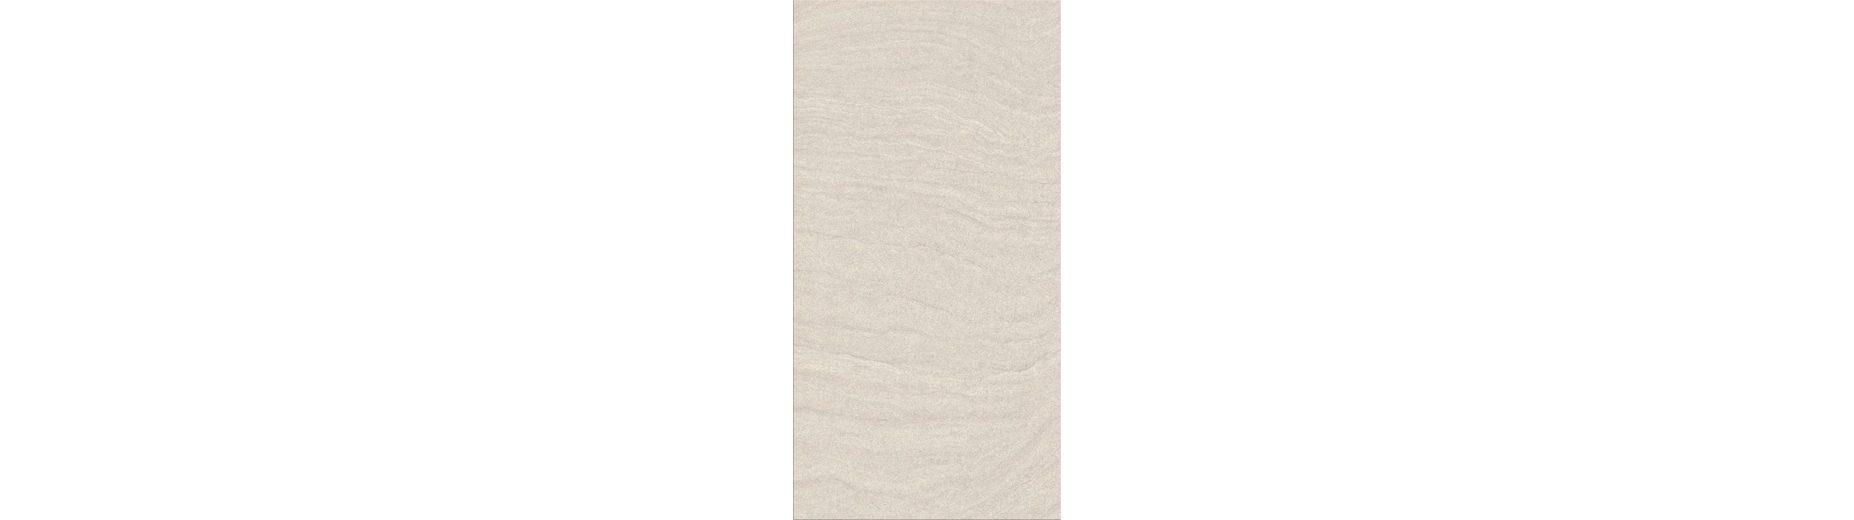 Sockelleisten passend zum Laminat »Vario«, sandstein Nachbildung